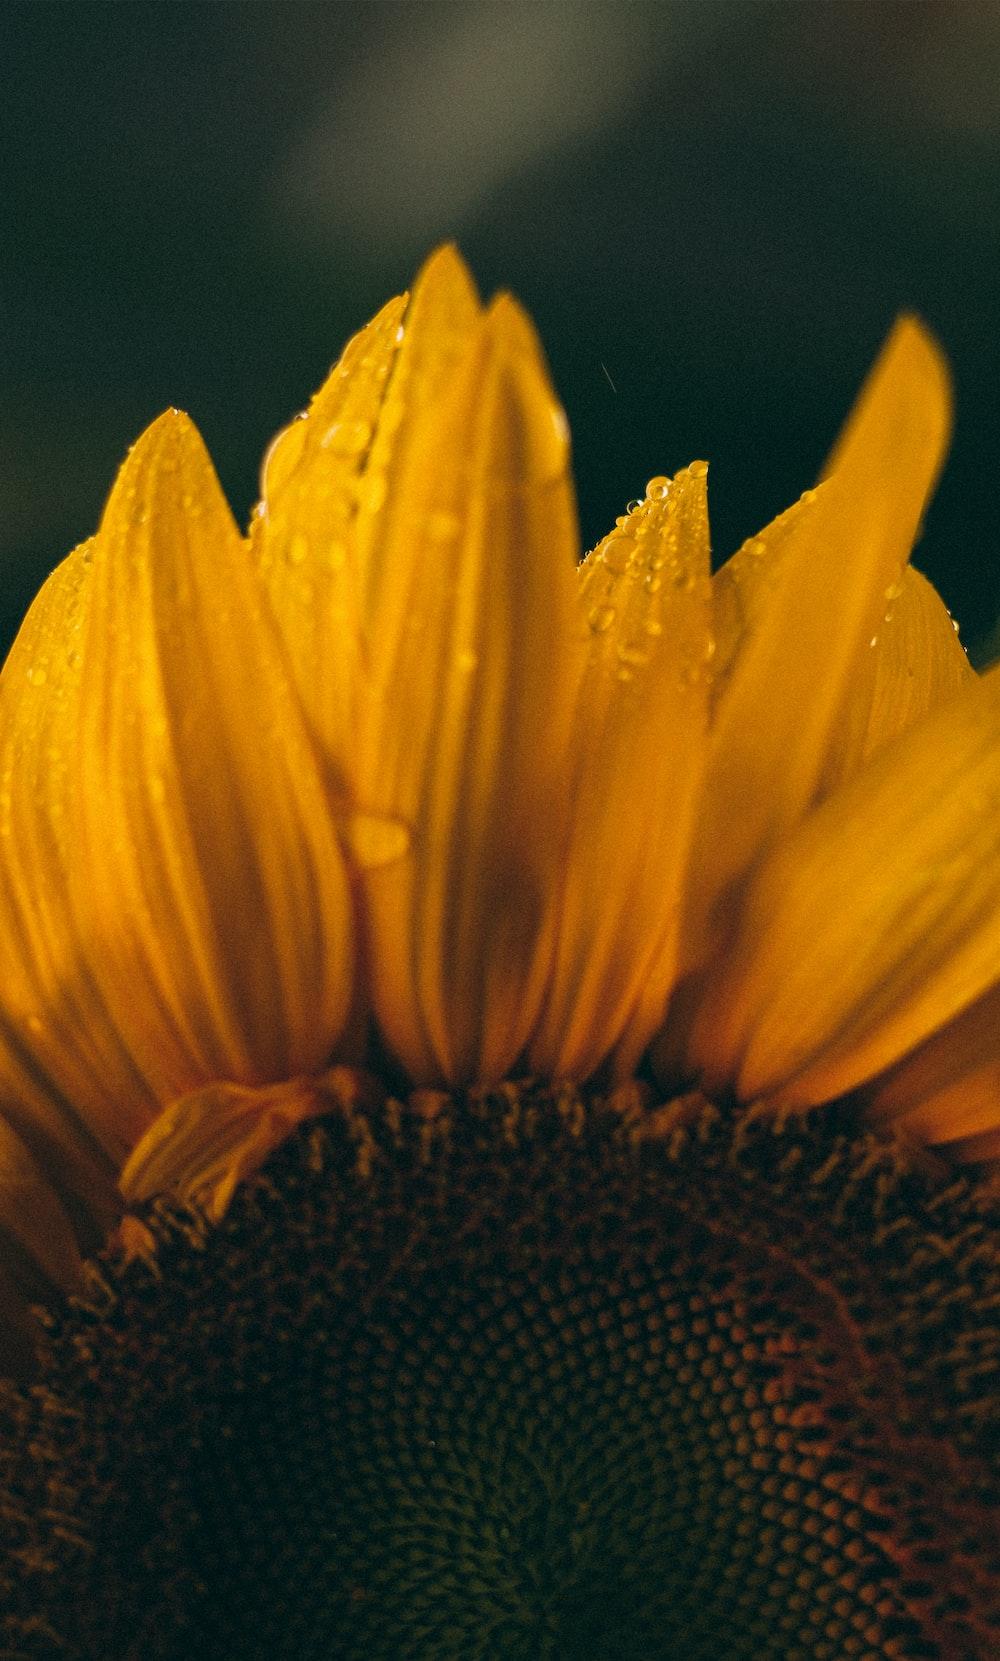 macro photography of yellow sunflower